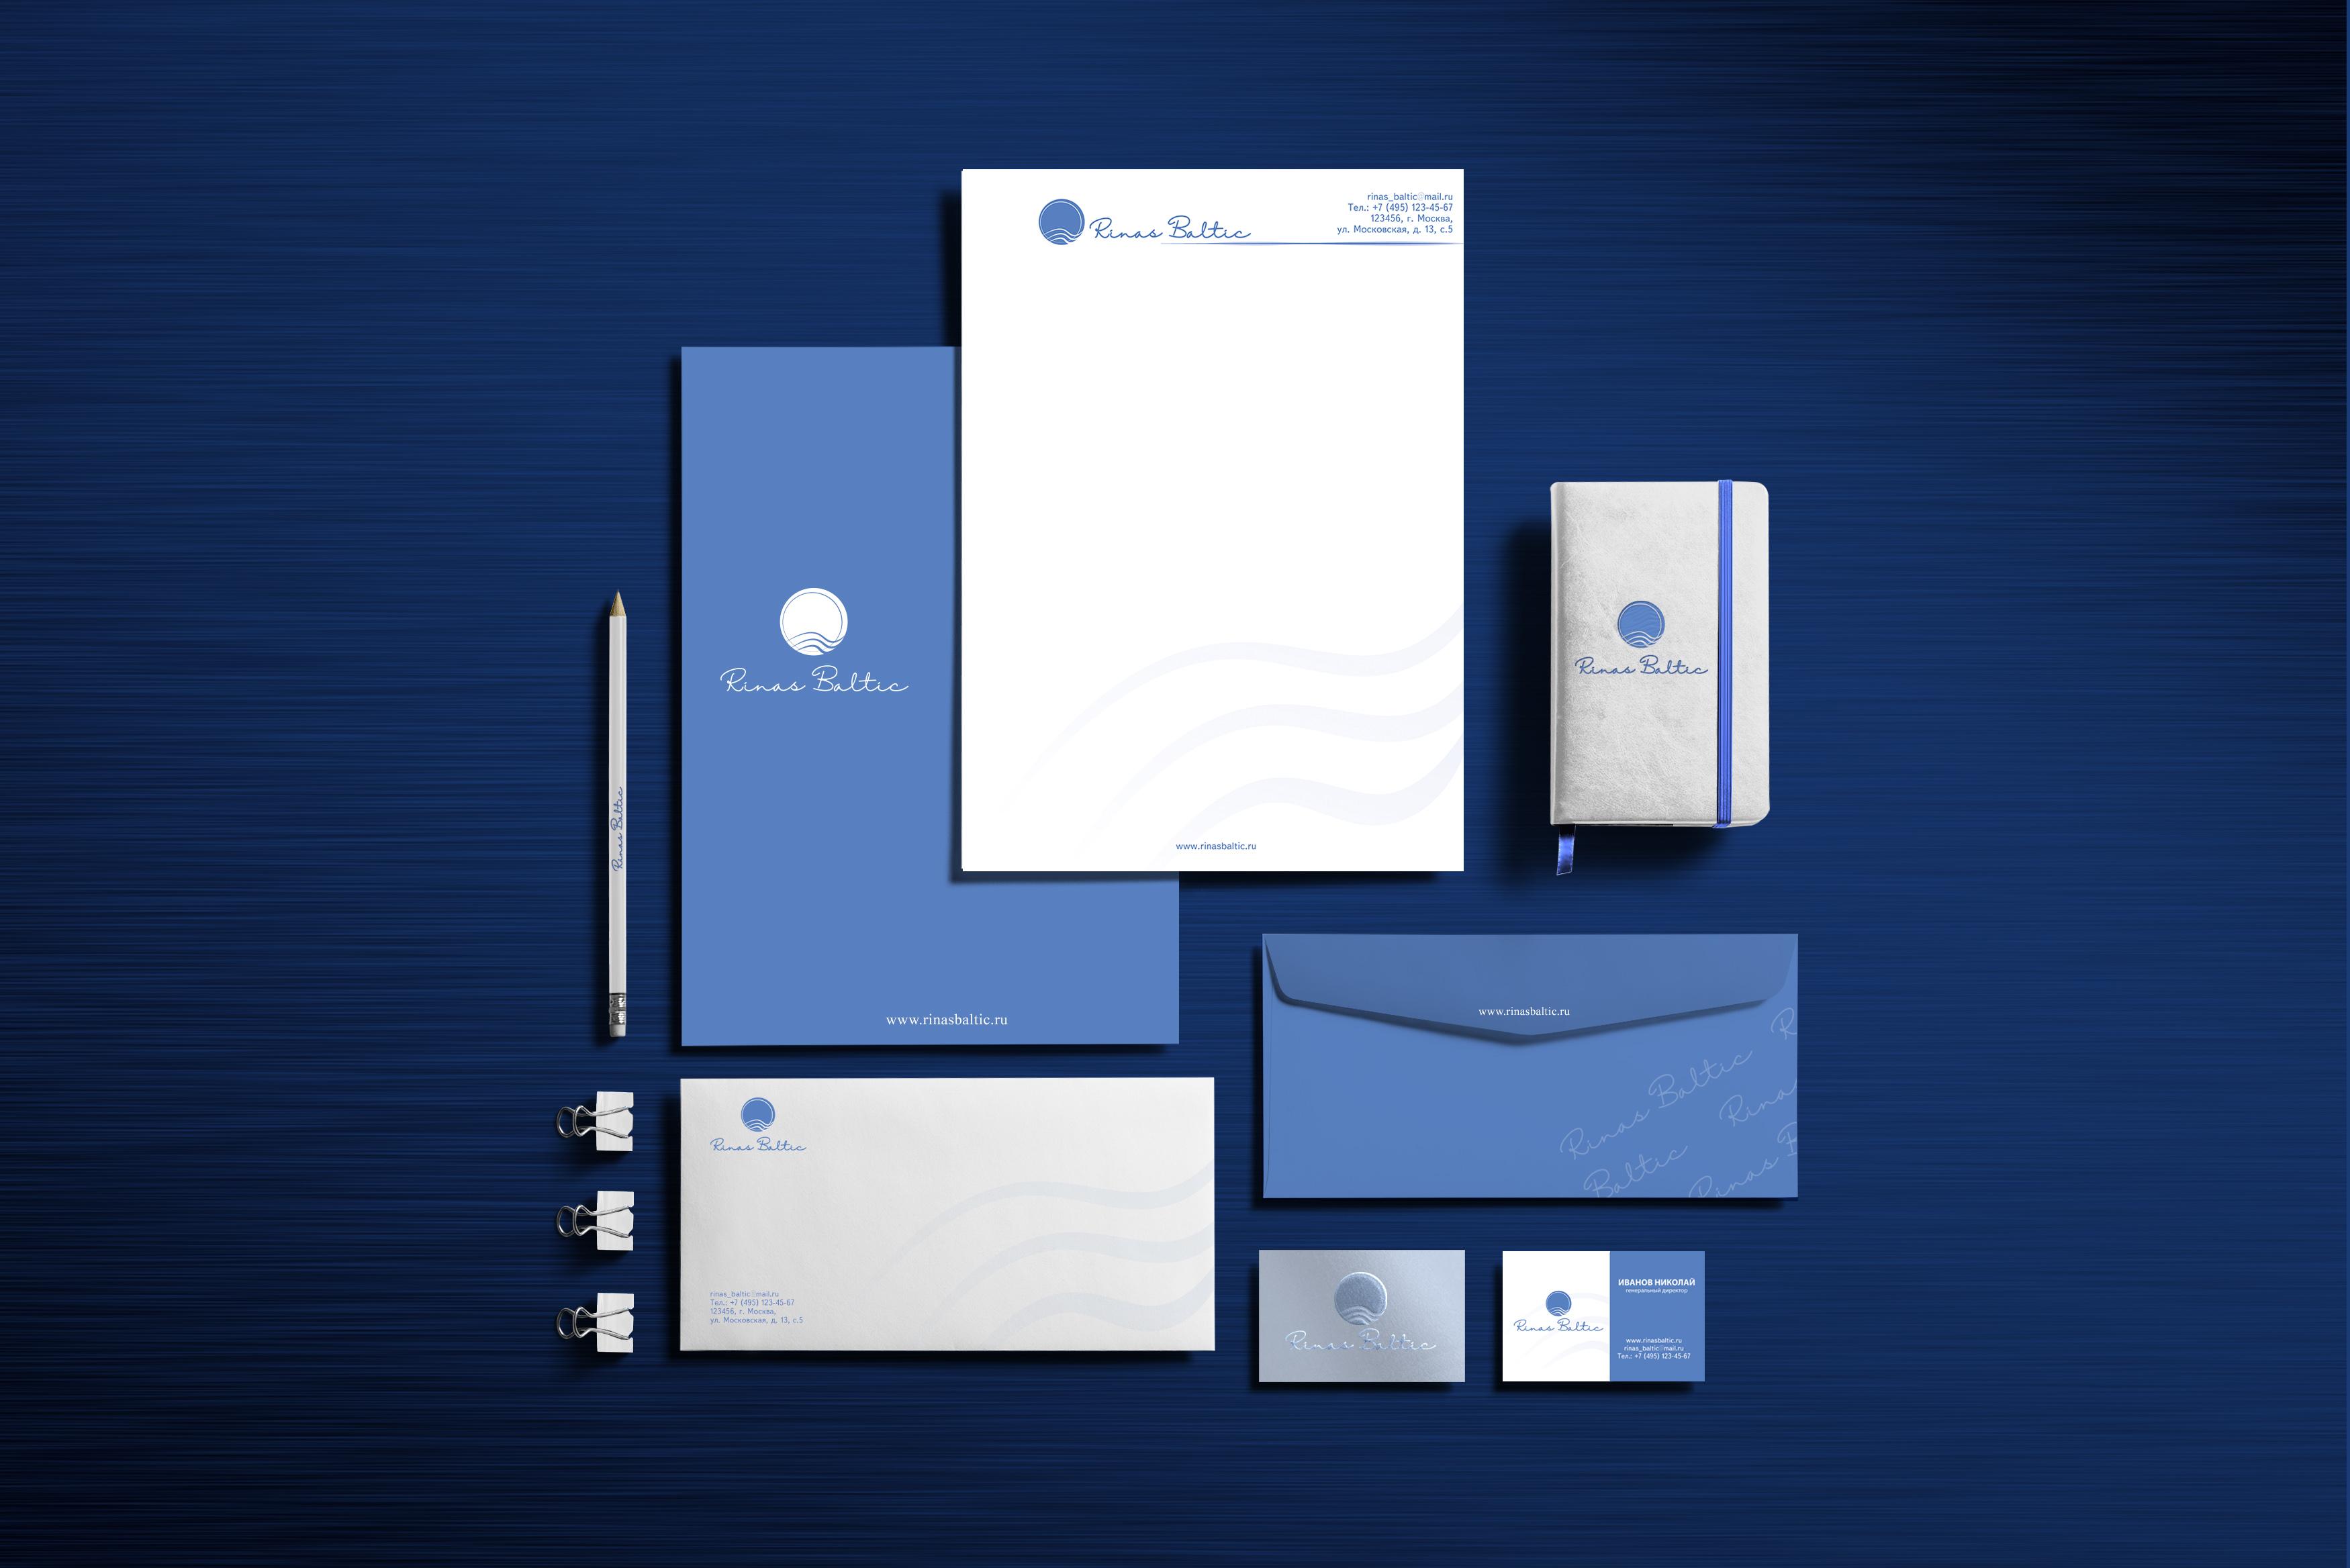 Создание фирменного стиля компании по продаже промышленного оборудования!!! Будет 2 победителя!!! фото f_9125d440ceb2cc41.jpg